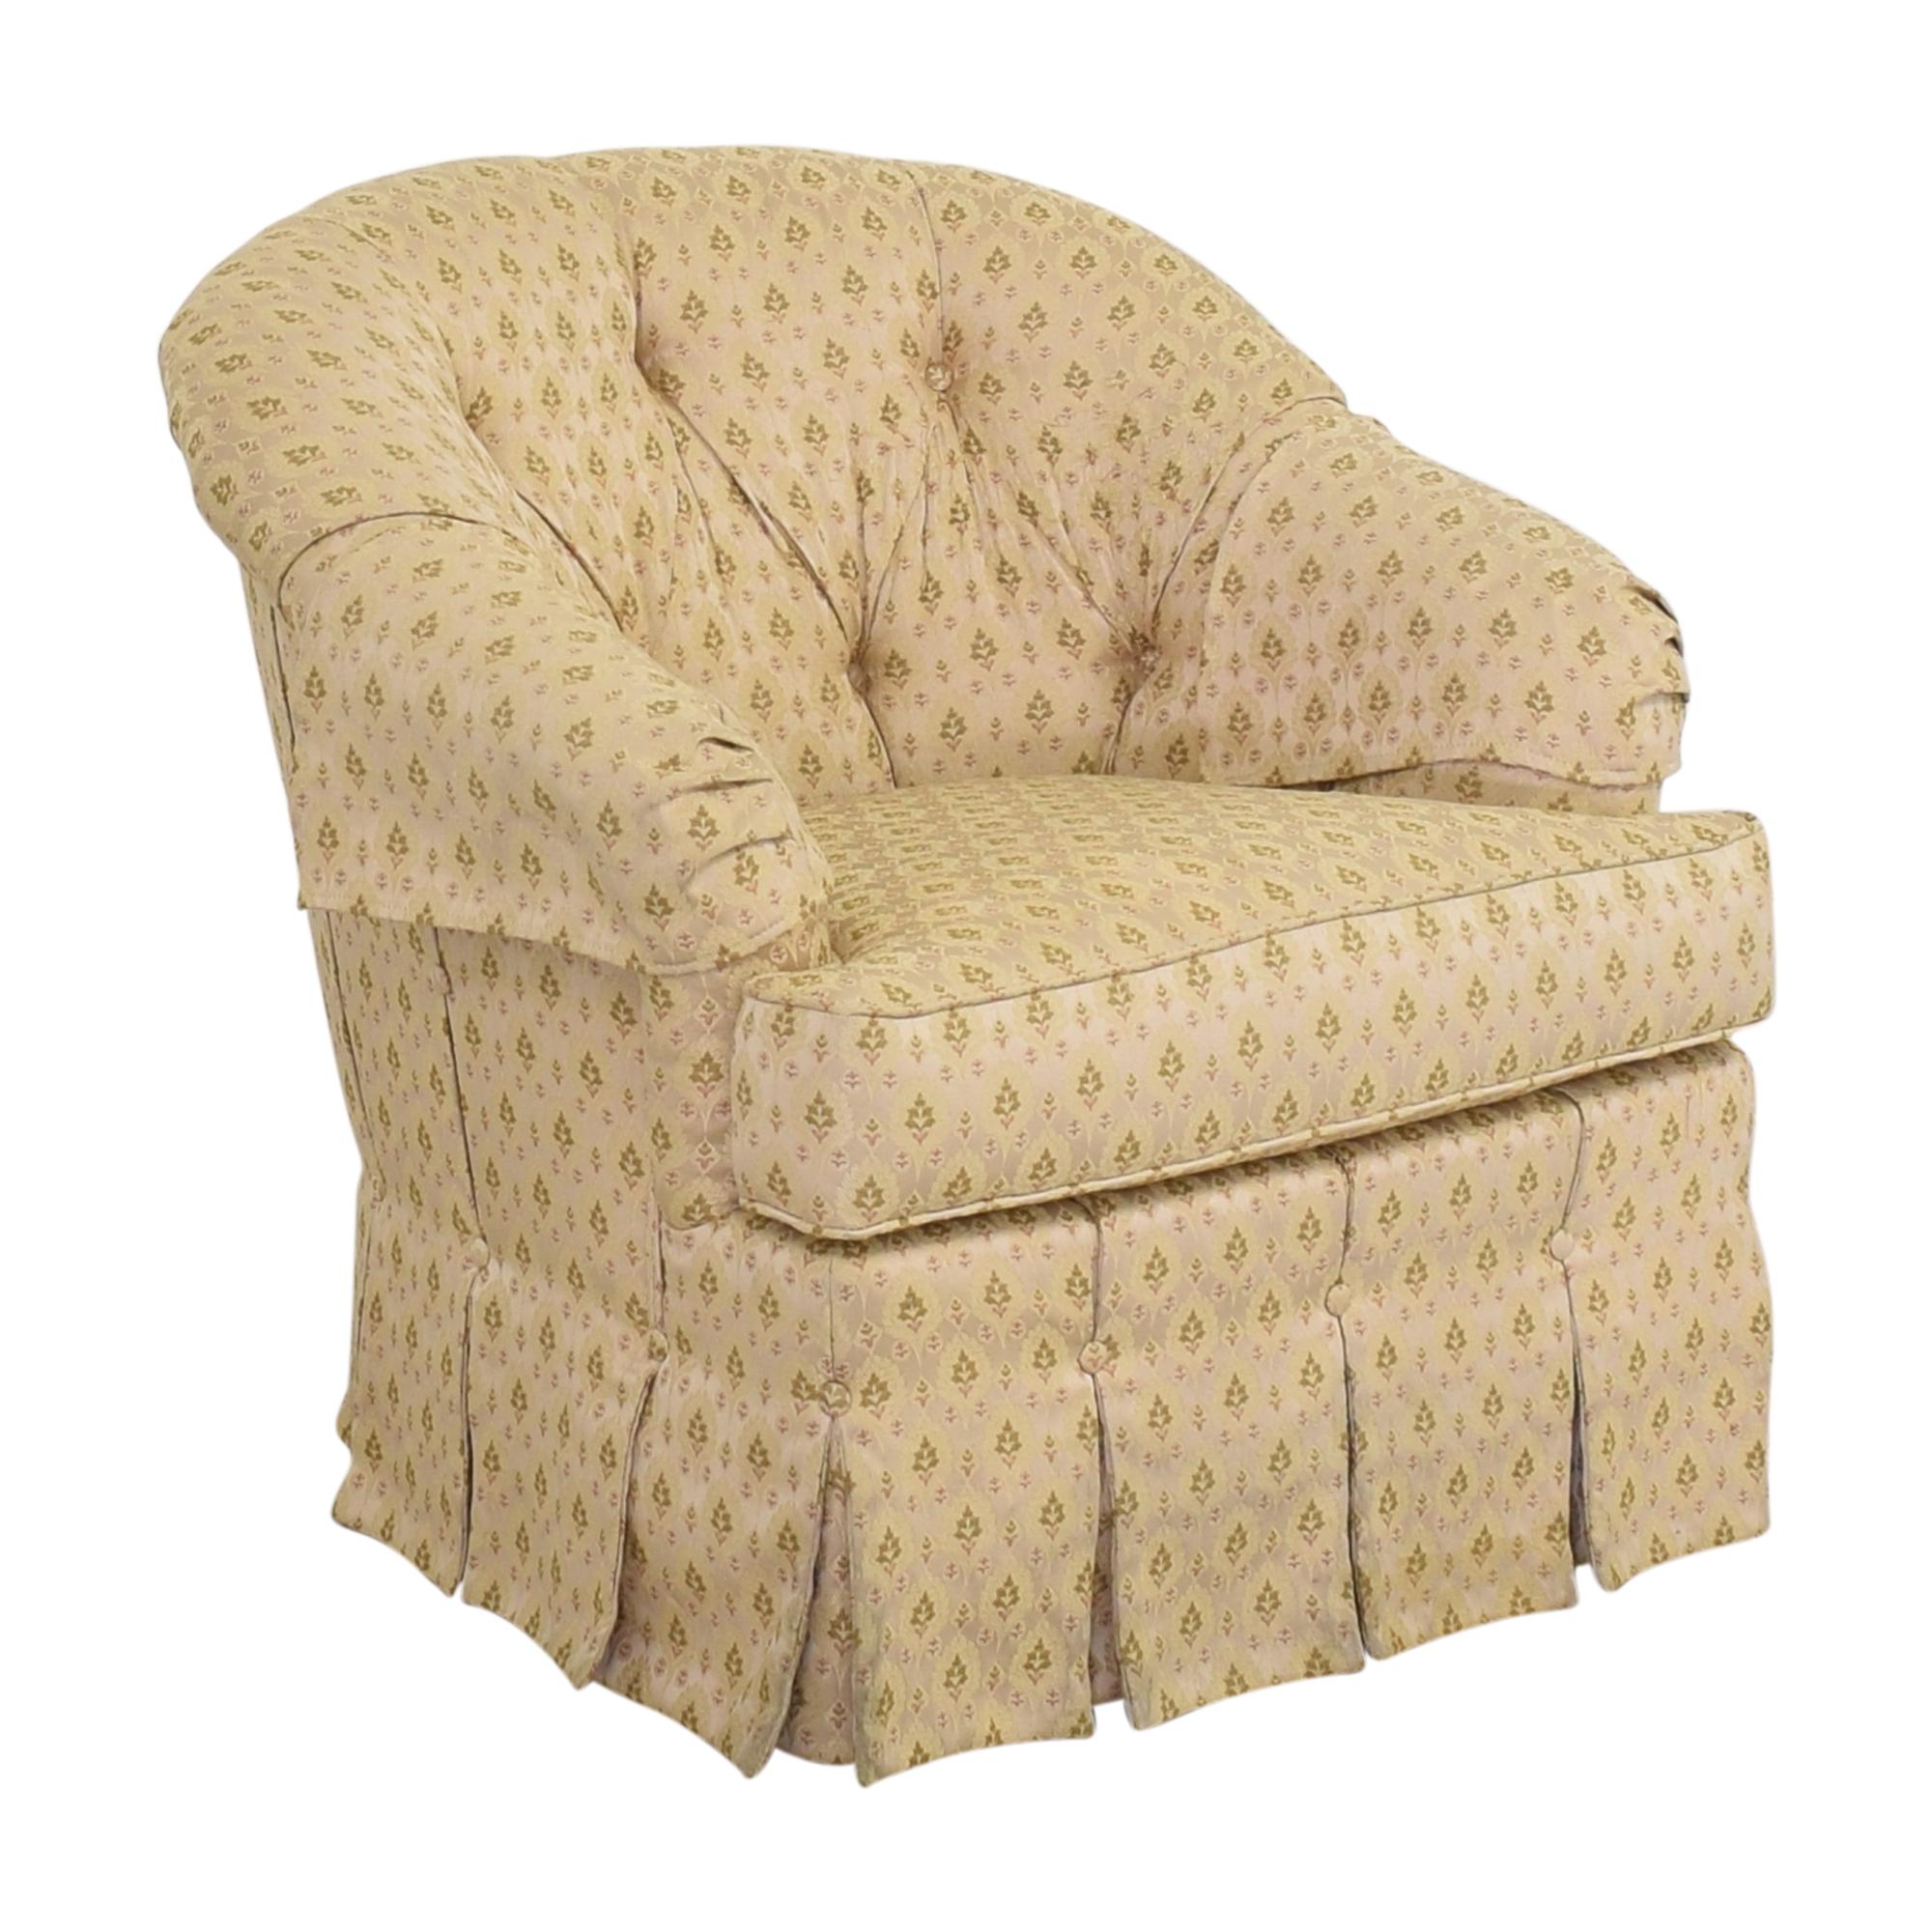 Ethan Allen Ethan Allen Skirted Swivel Chair pa